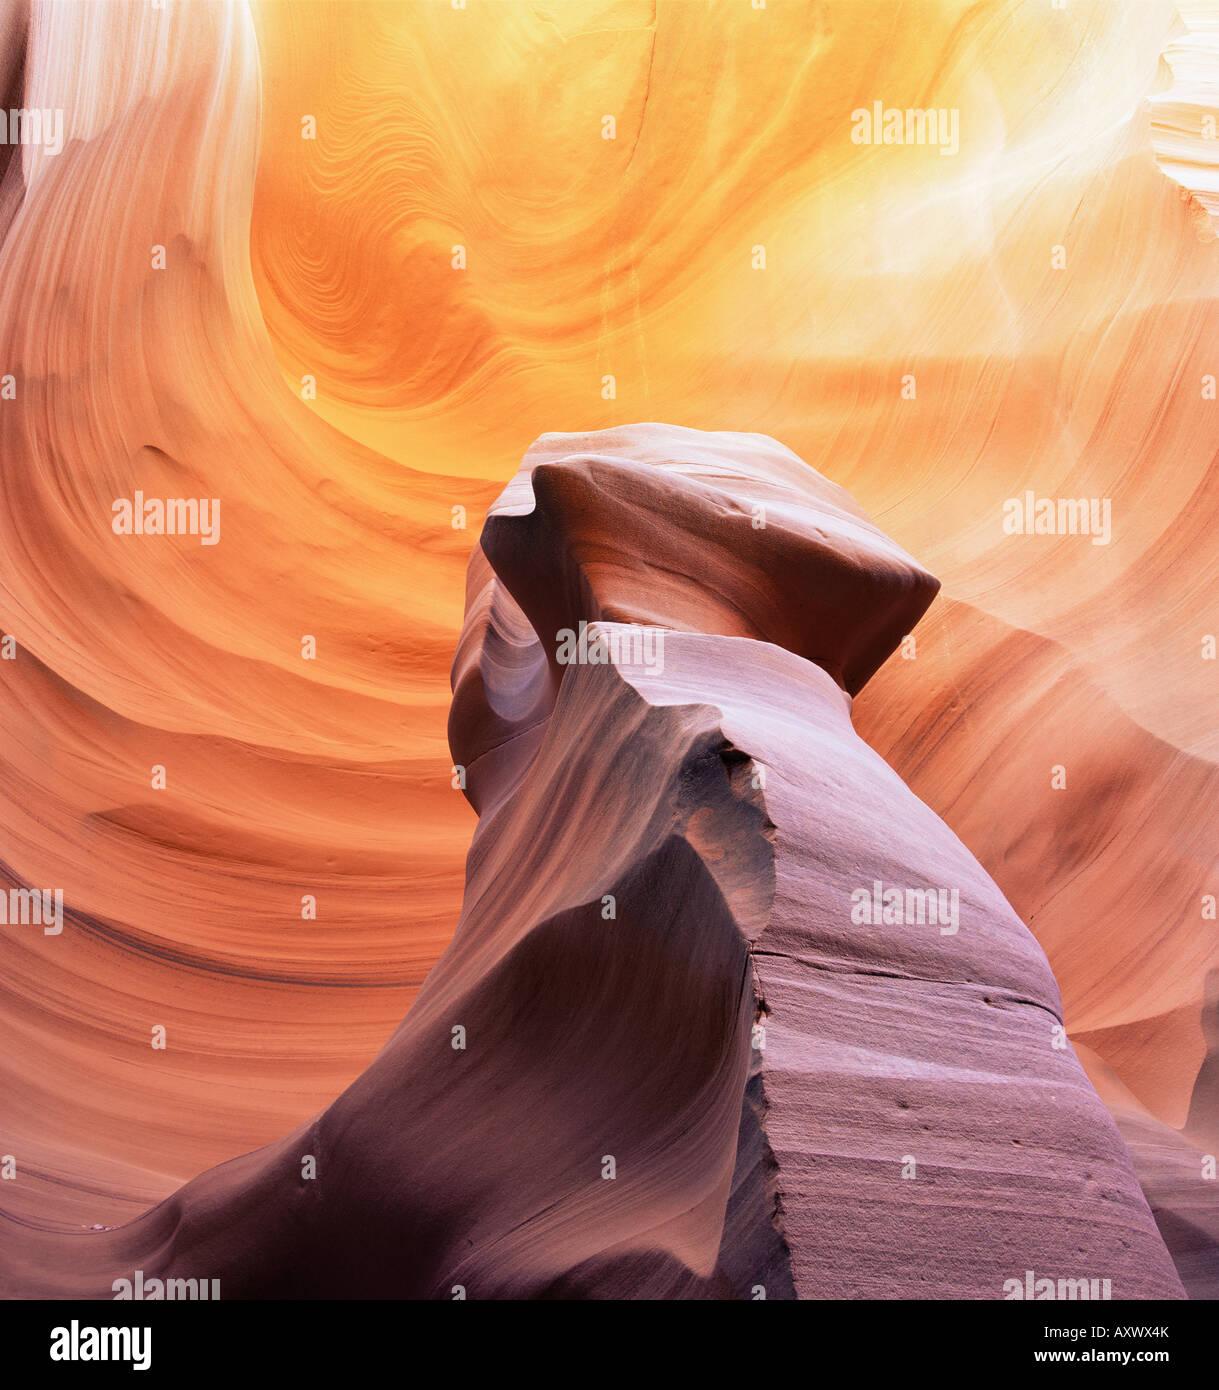 Pilar de piedra en Thin Lizy Canyon, una ranura canyon, en Arizona, Estados Unidos de América (EE.UU.), América Imagen De Stock